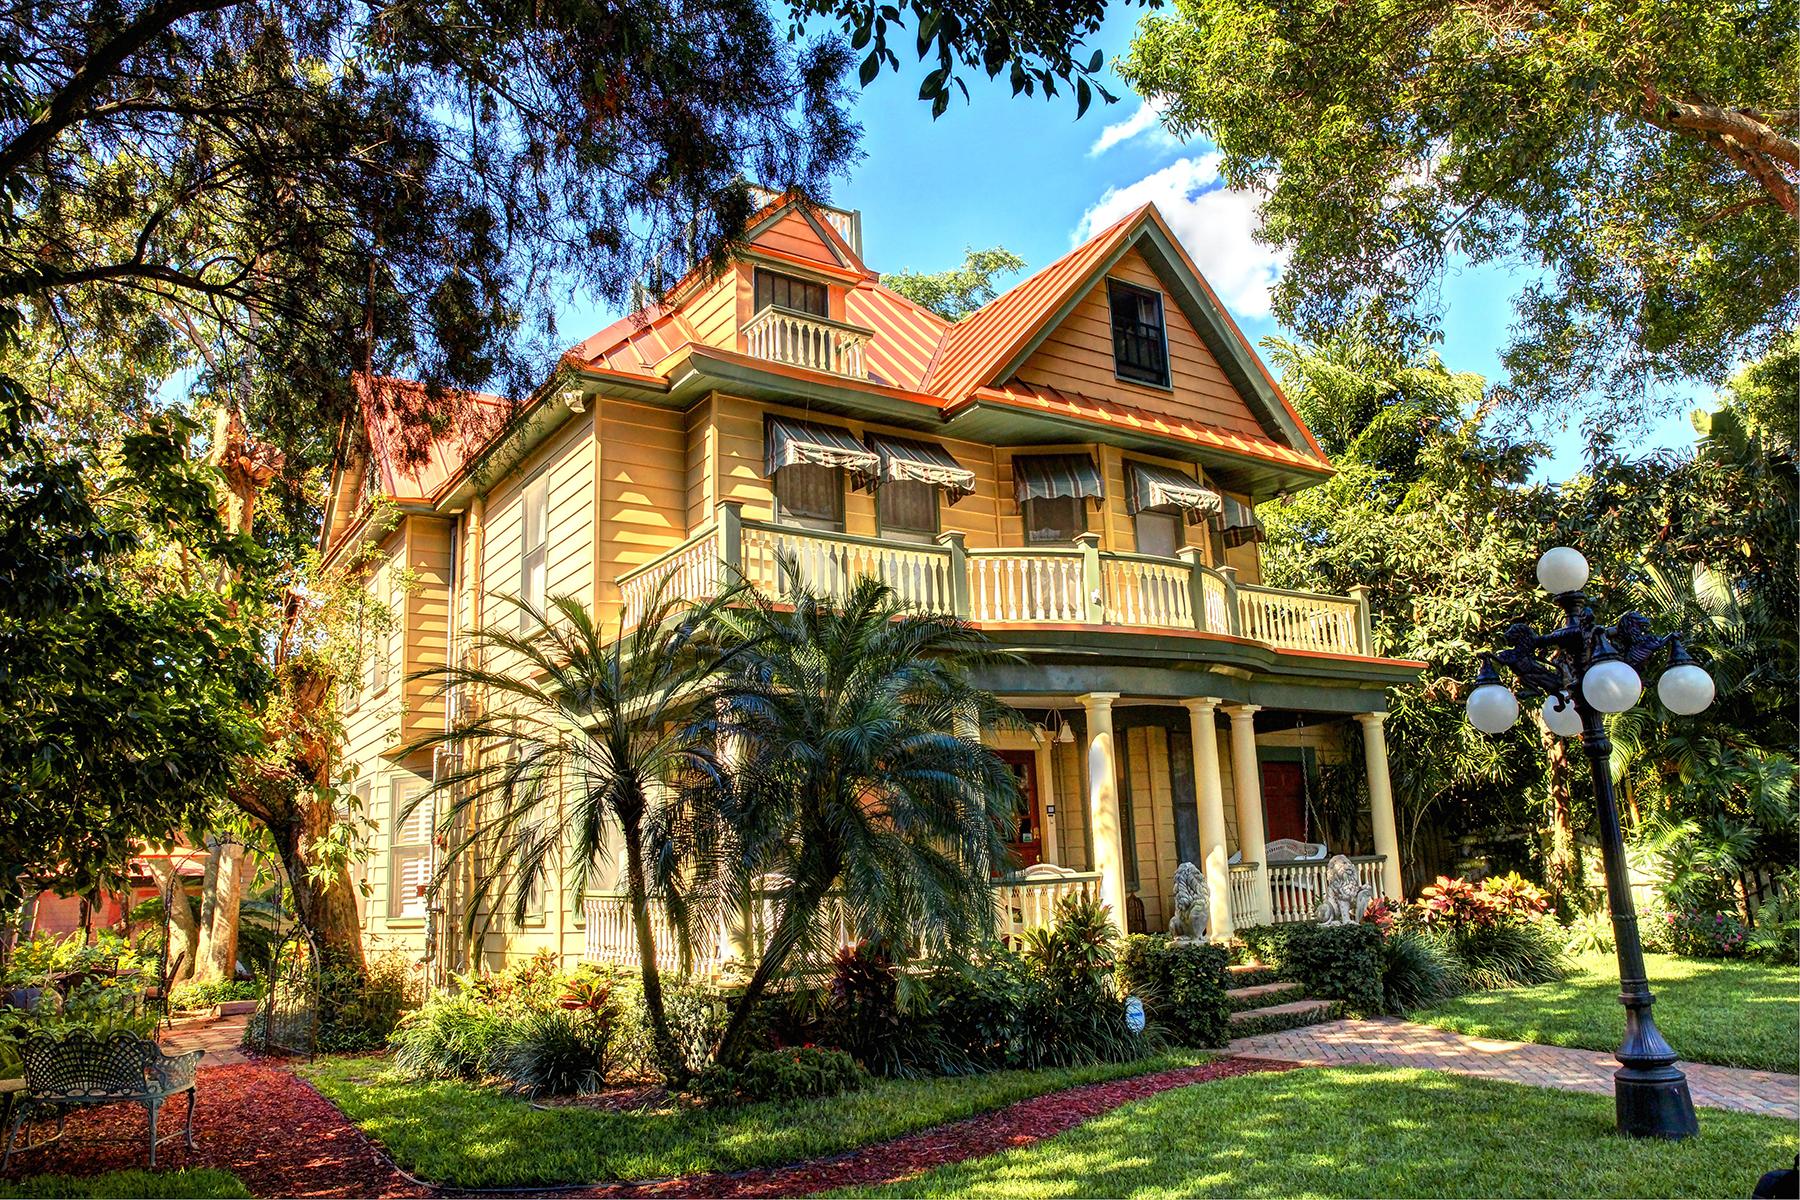 独户住宅 为 销售 在 OLD NORTHEAST 237 6th Ave NE 圣彼得堡, 佛罗里达州, 33701 美国